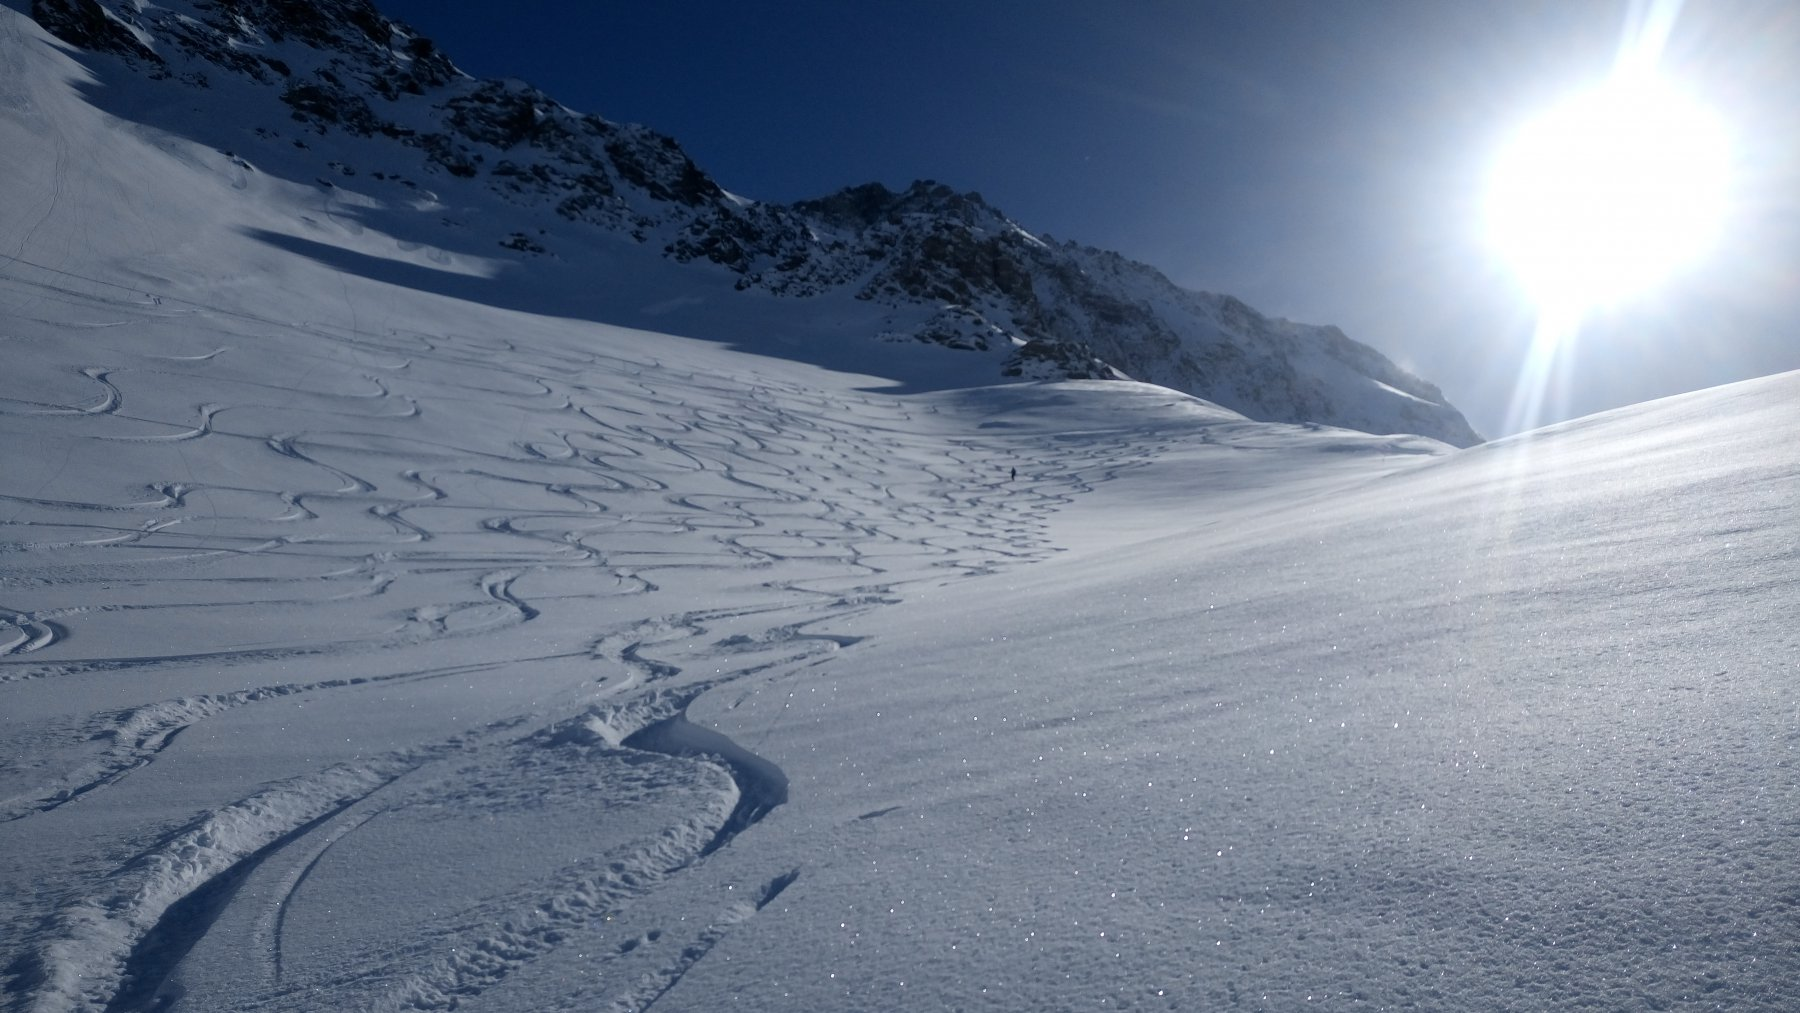 Le belle serpentine sul pendio con la neve più bella